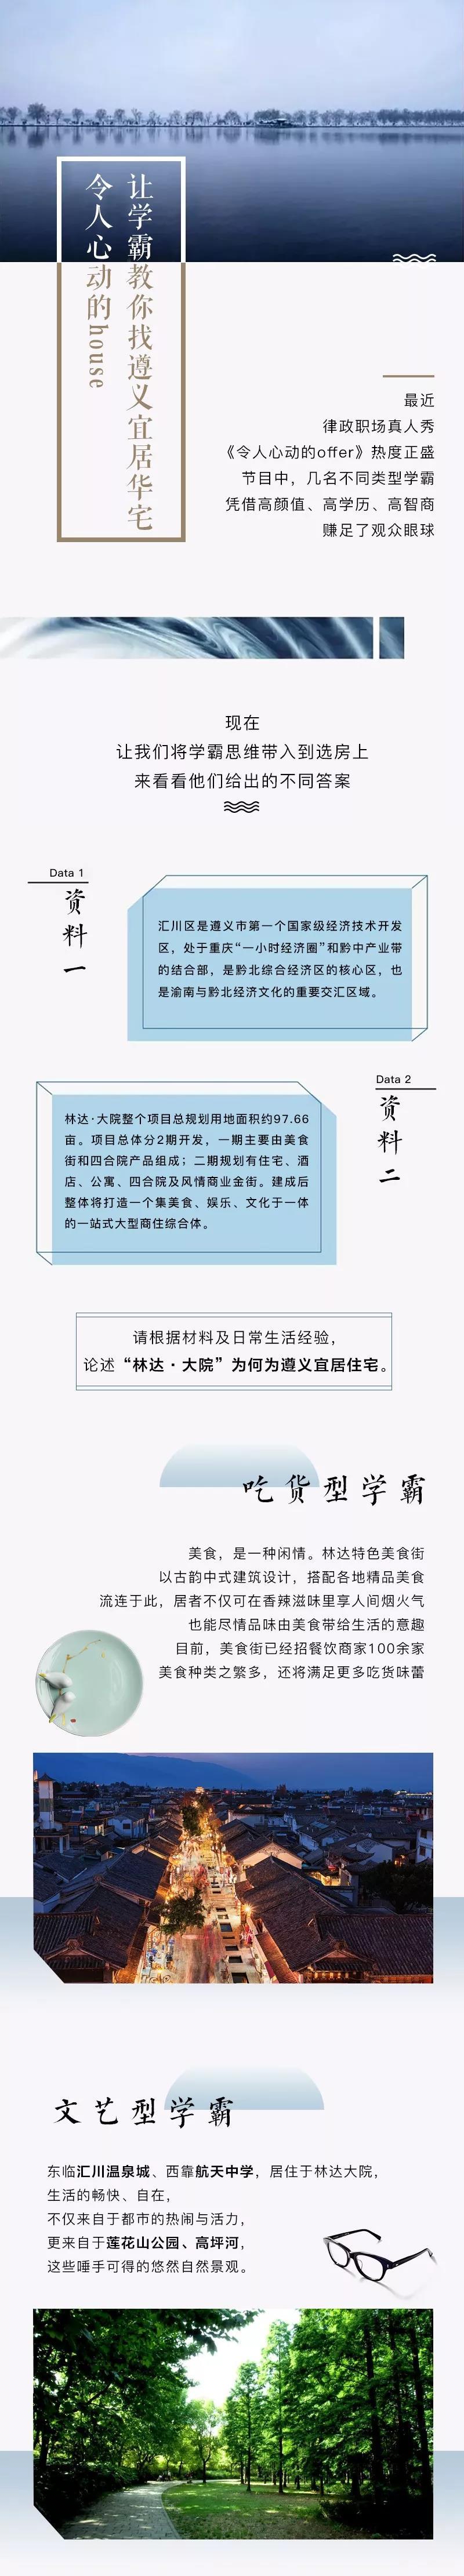 林达大院:令人心动的房子 让学霸教你找遵义宜居华宅-中国网地产